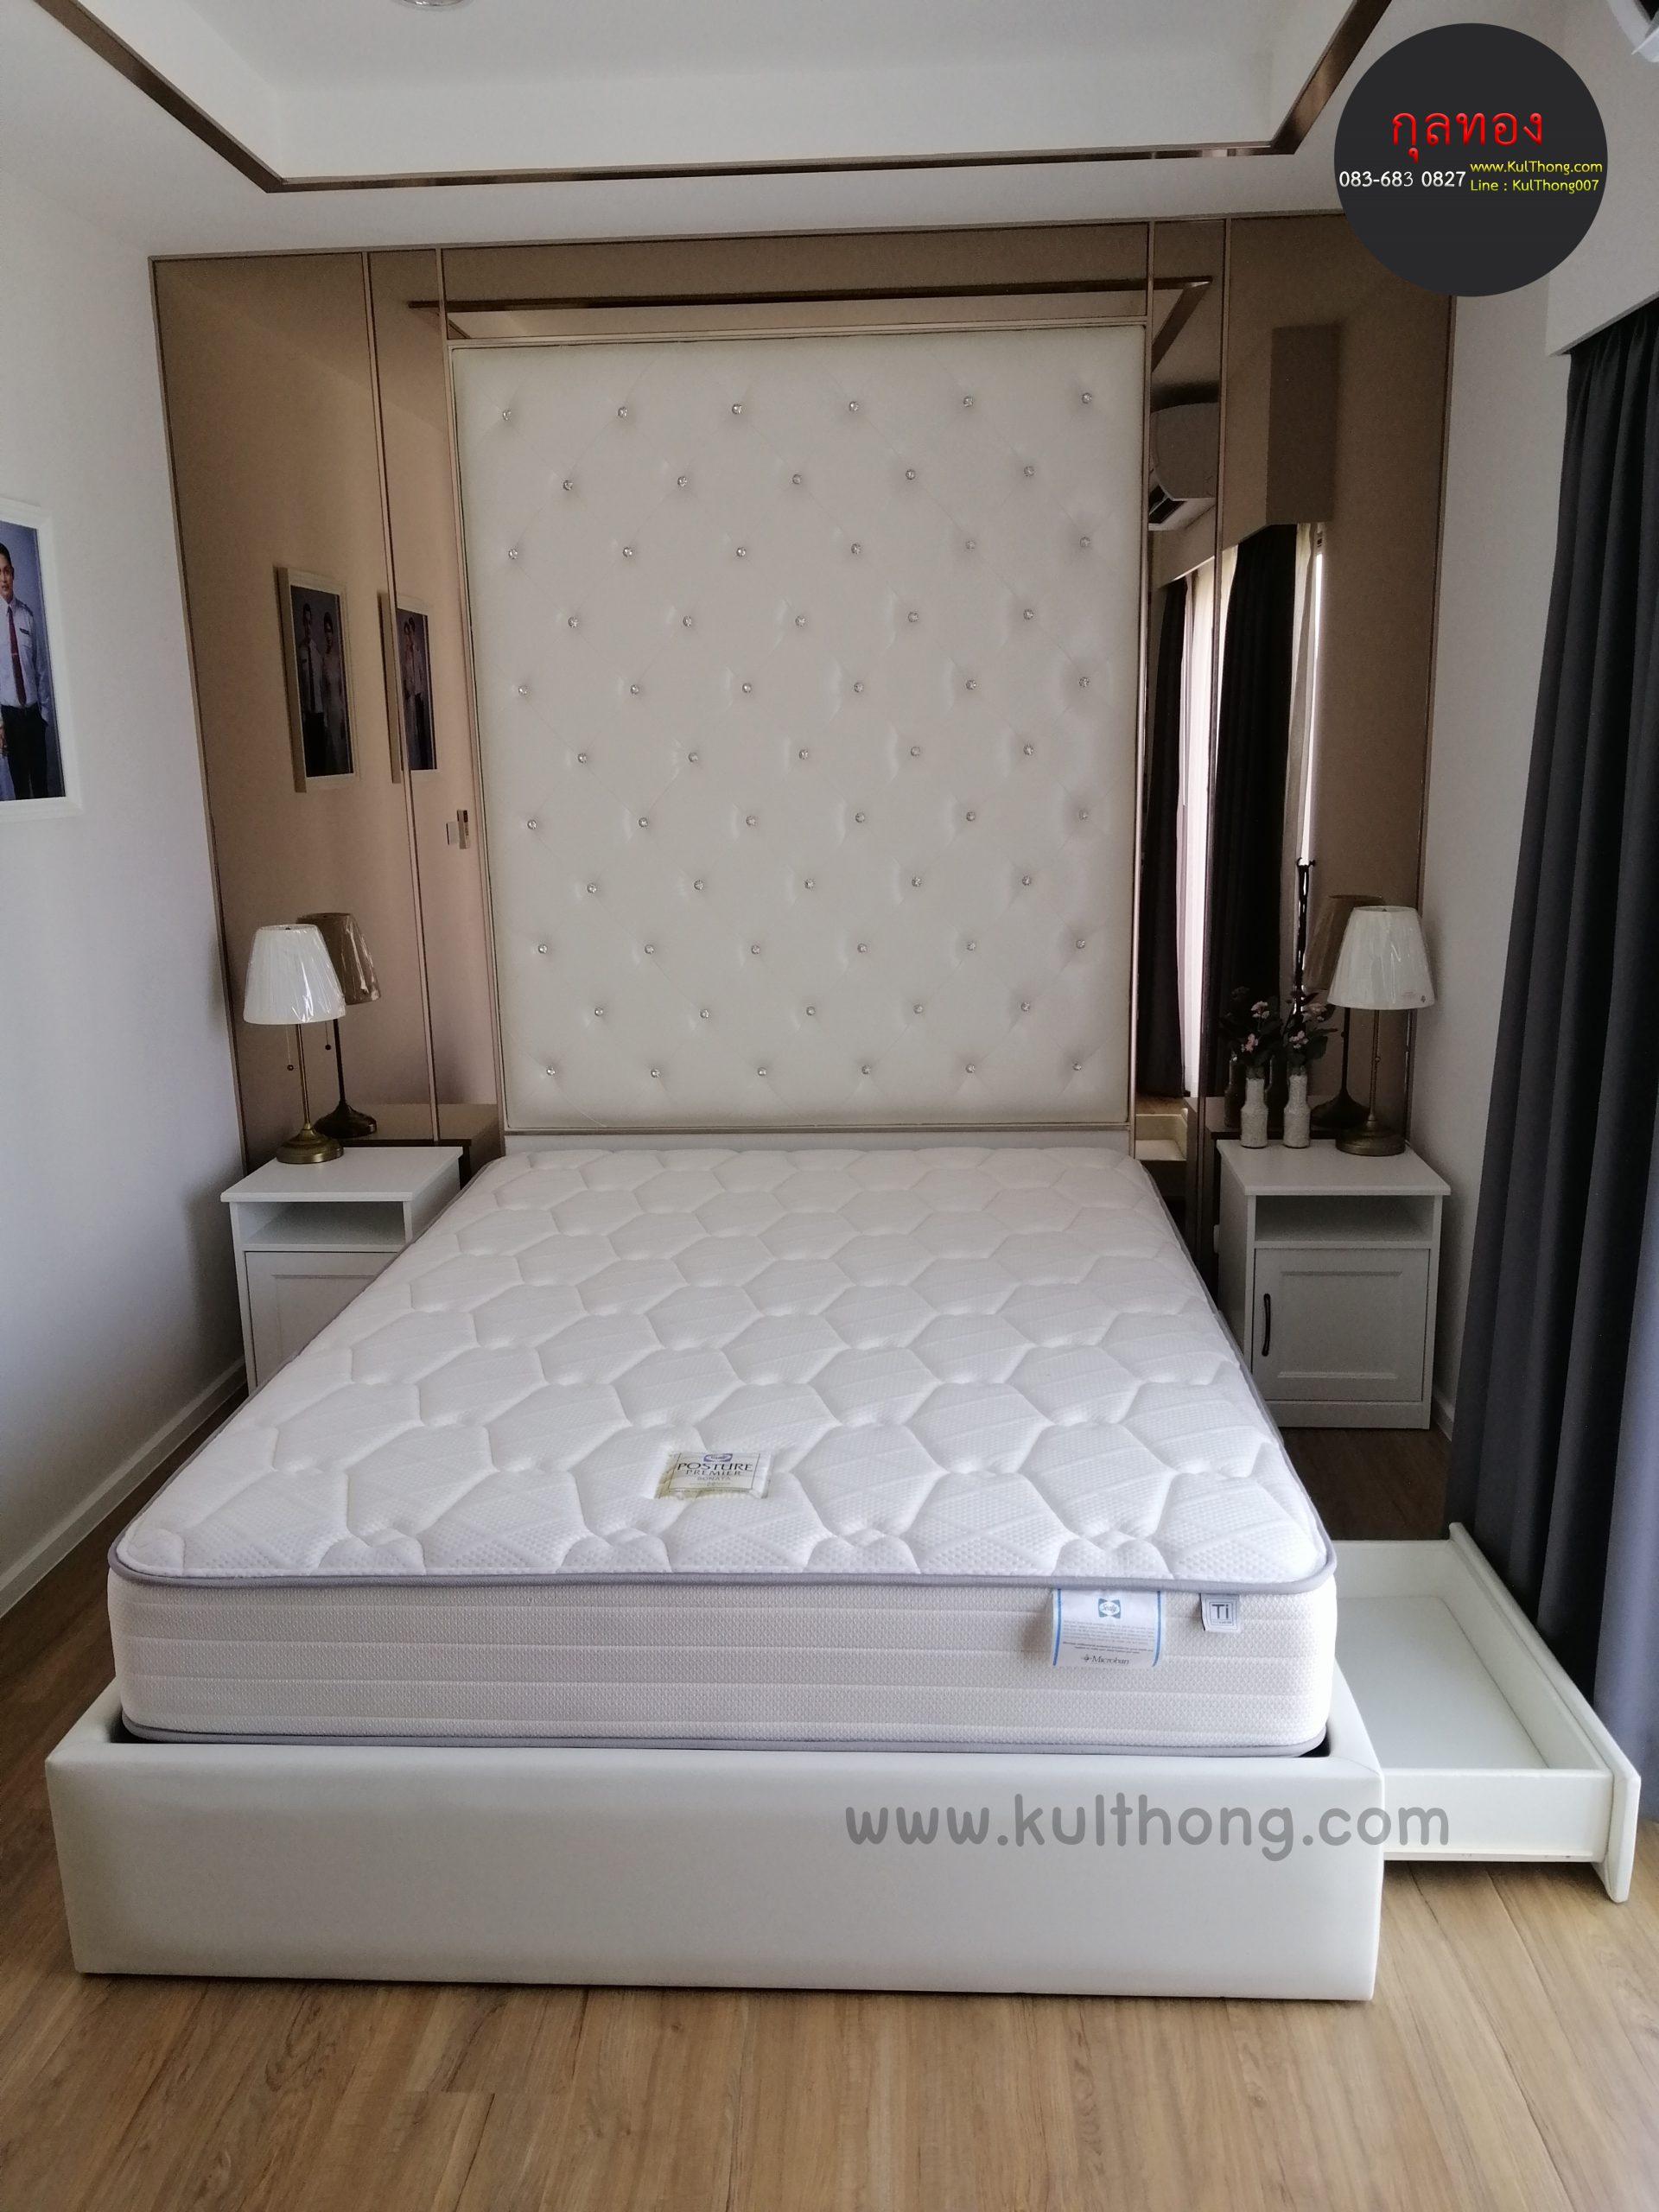 เตียงลิ้นชัก เตียงหุ้มหนัง เตียงมีลิ้นชัก ฐานเตียงแบบไม่มีหัวเตียง